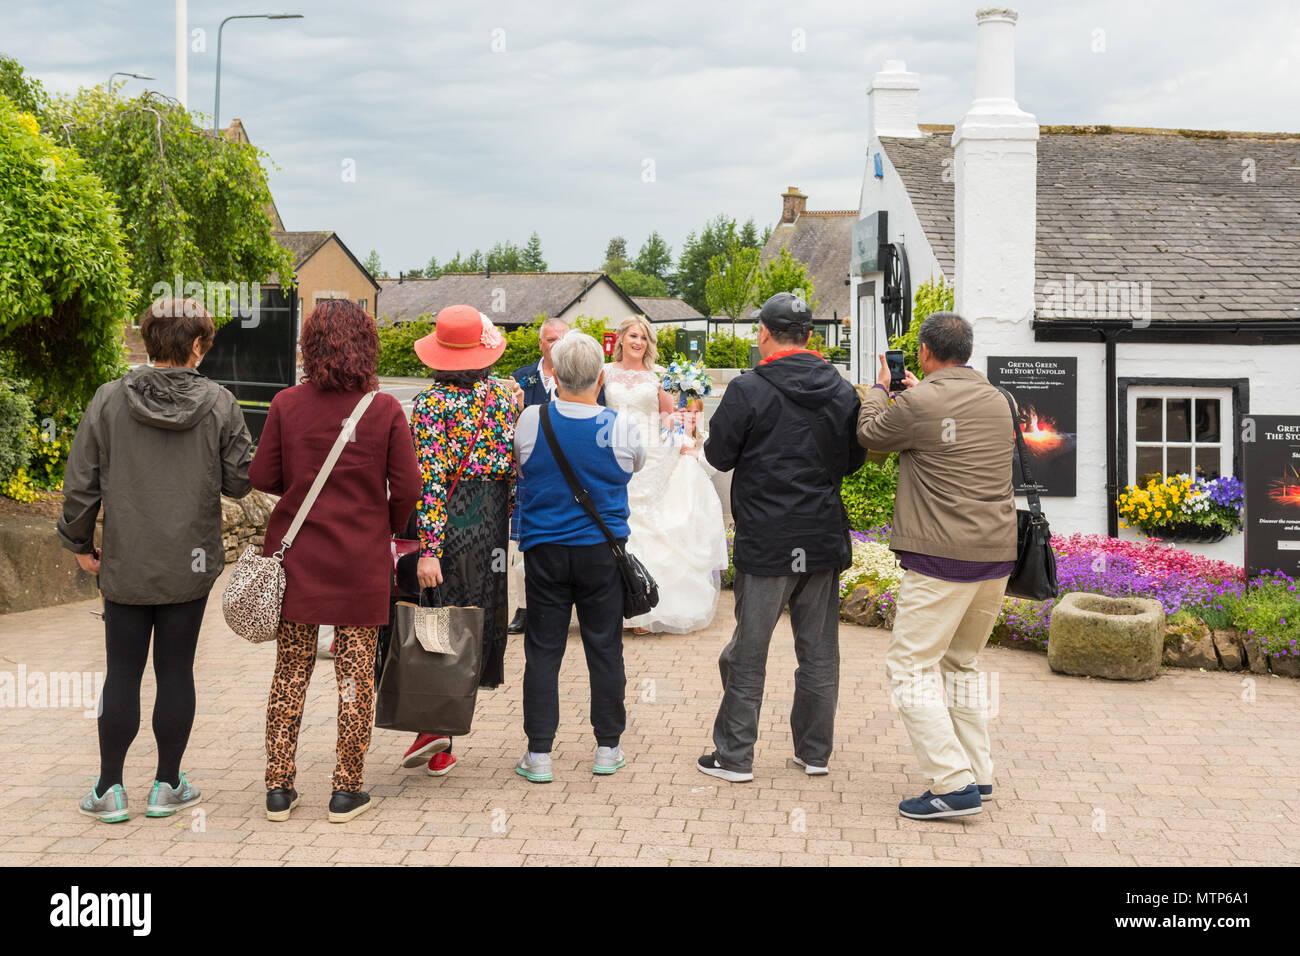 Les touristes asiatiques de prendre des photographies d'une épouse arrivant pour son mariage à Gretna Green, Ecosse, Royaume-Uni Photo Stock